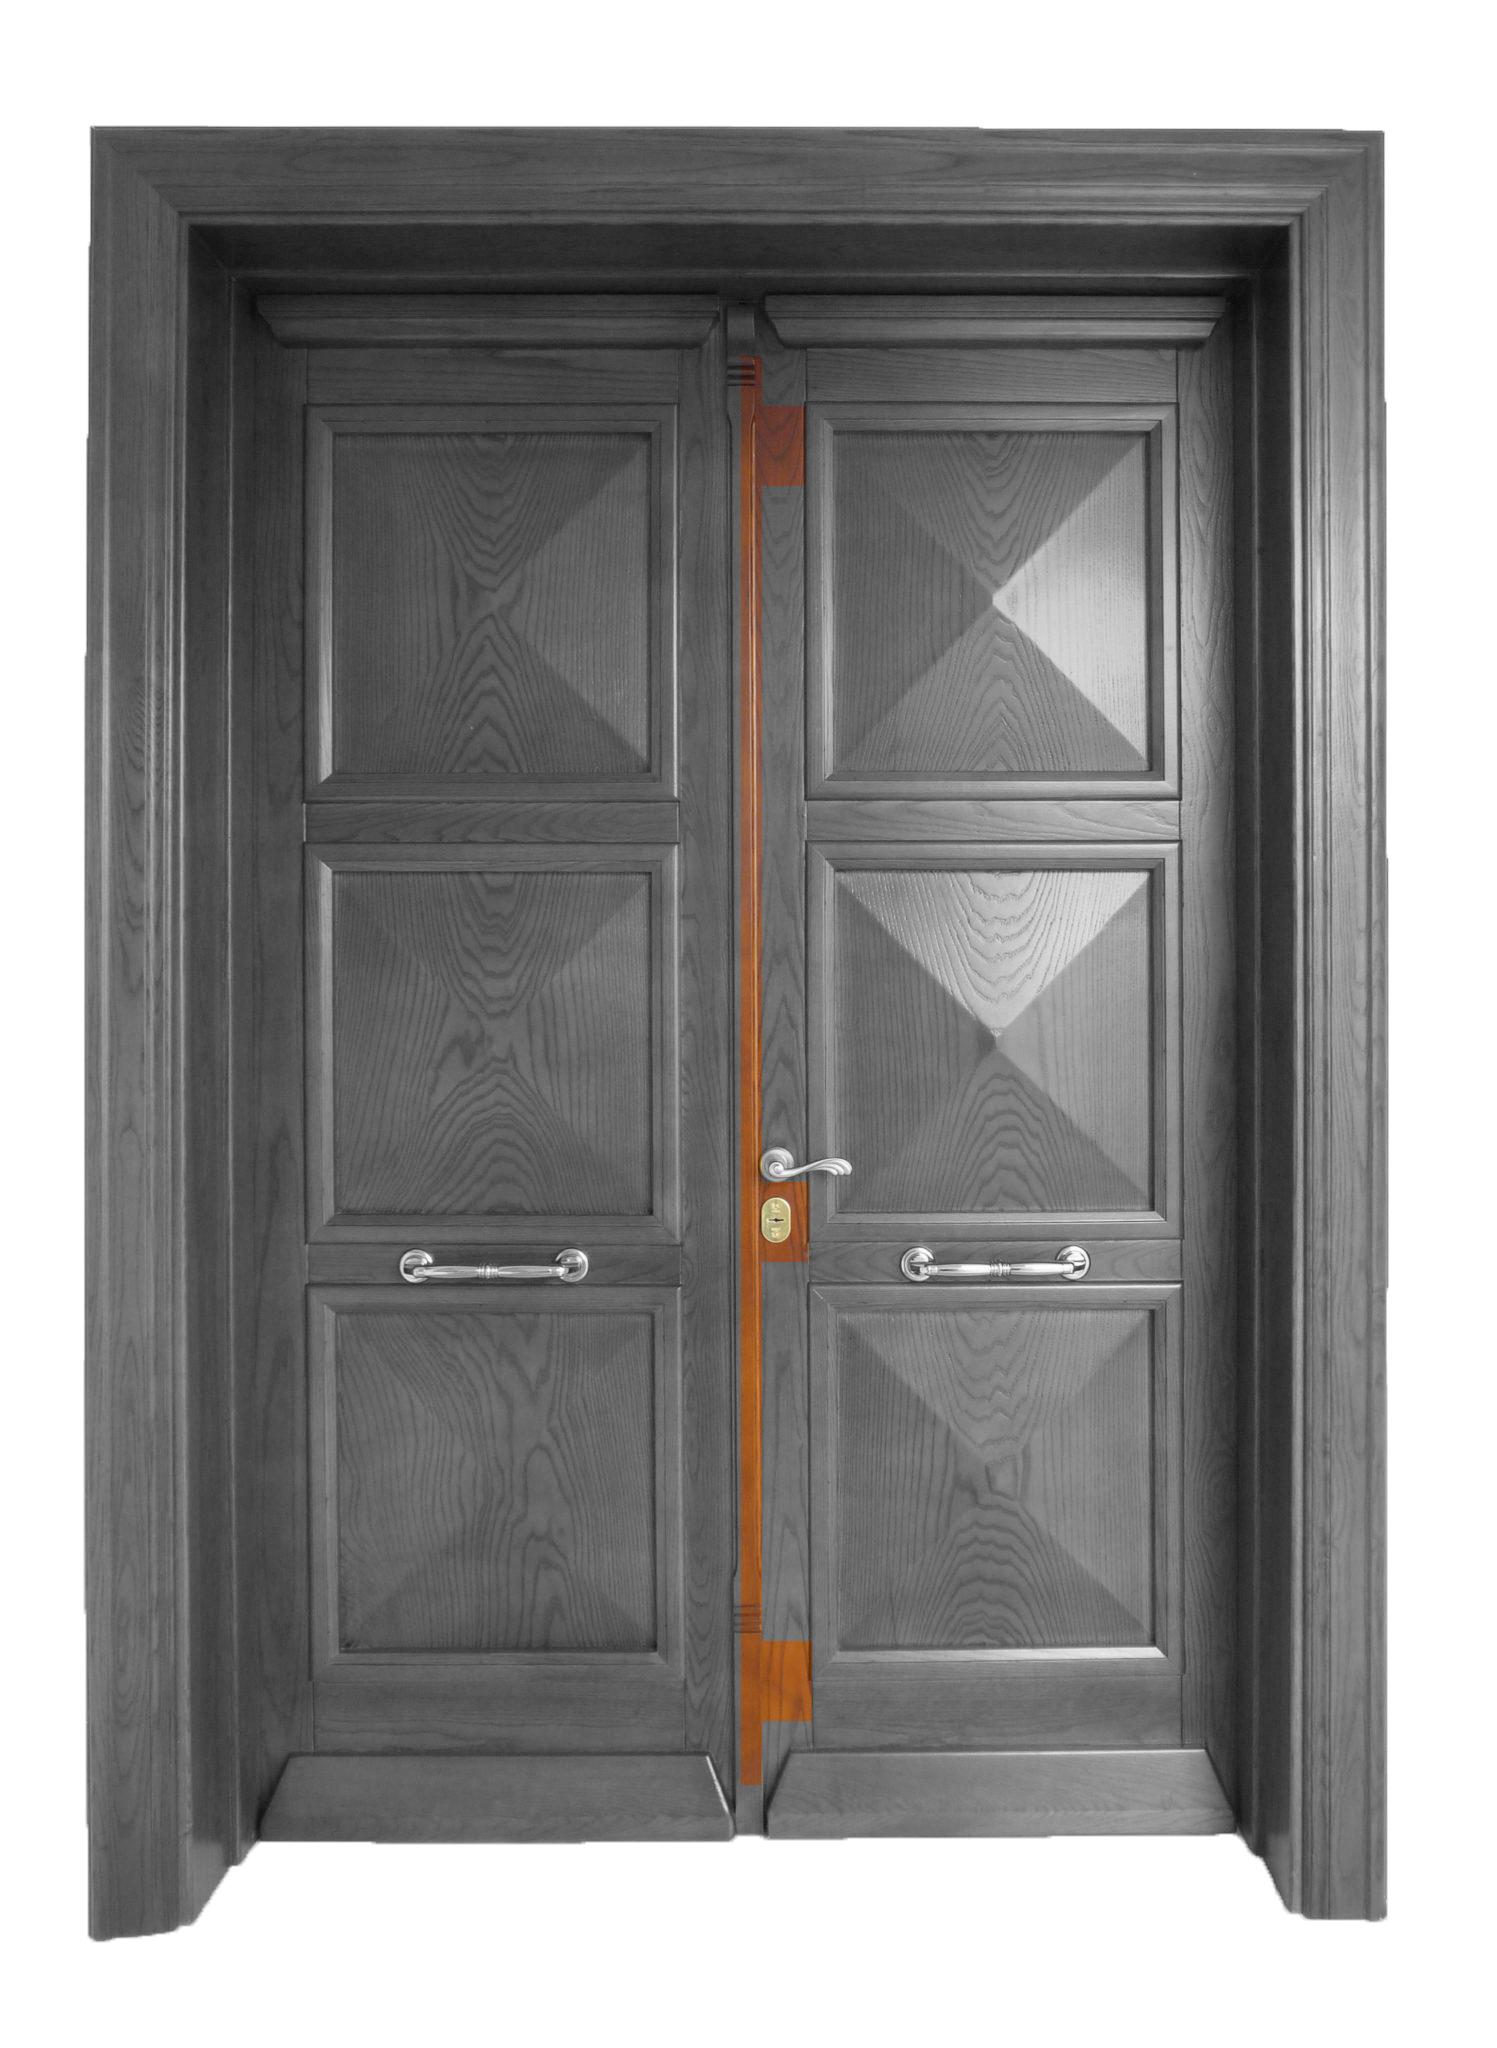 Ξύλινα κουφώματα - Κλειδαριές ασφαλείας σε ξύλινη πόρτα